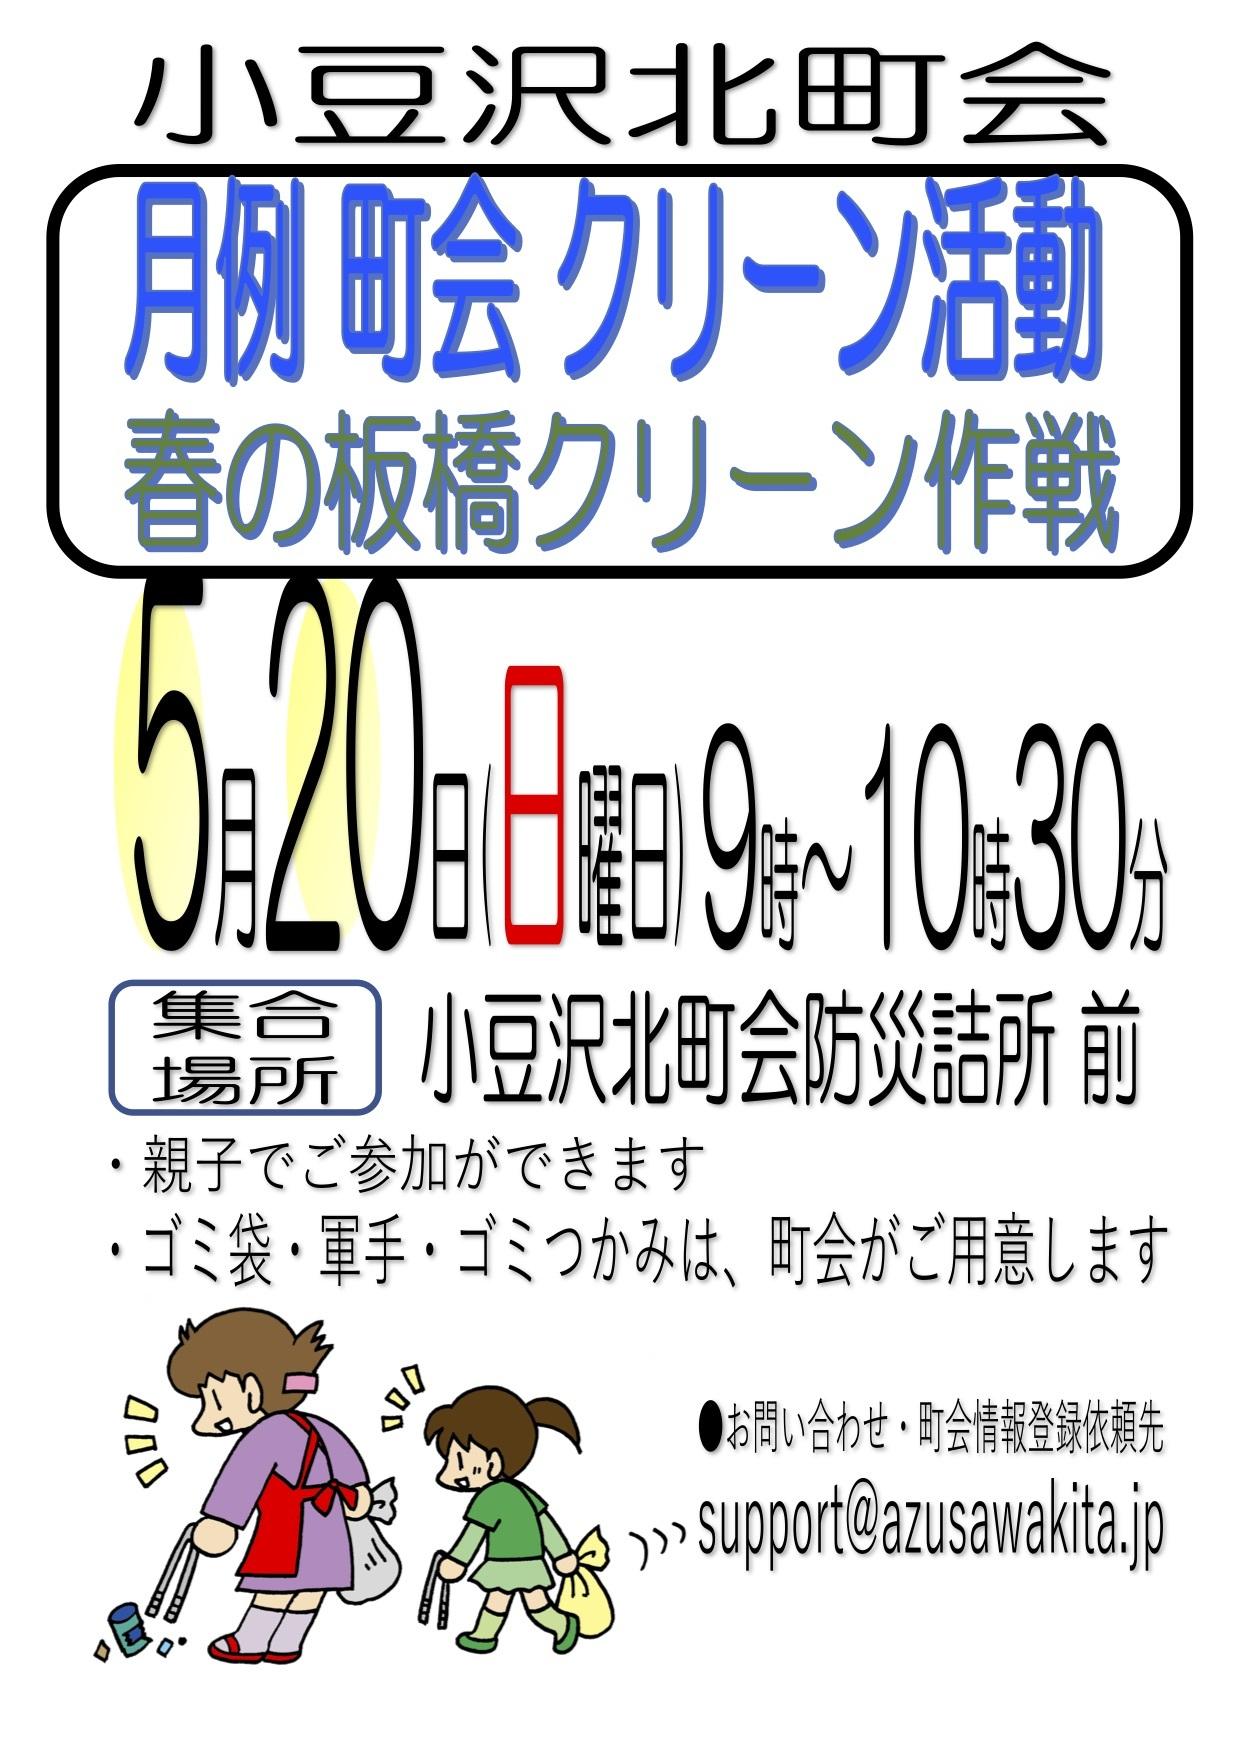 2018年5月20日(日)町内クリーン活動